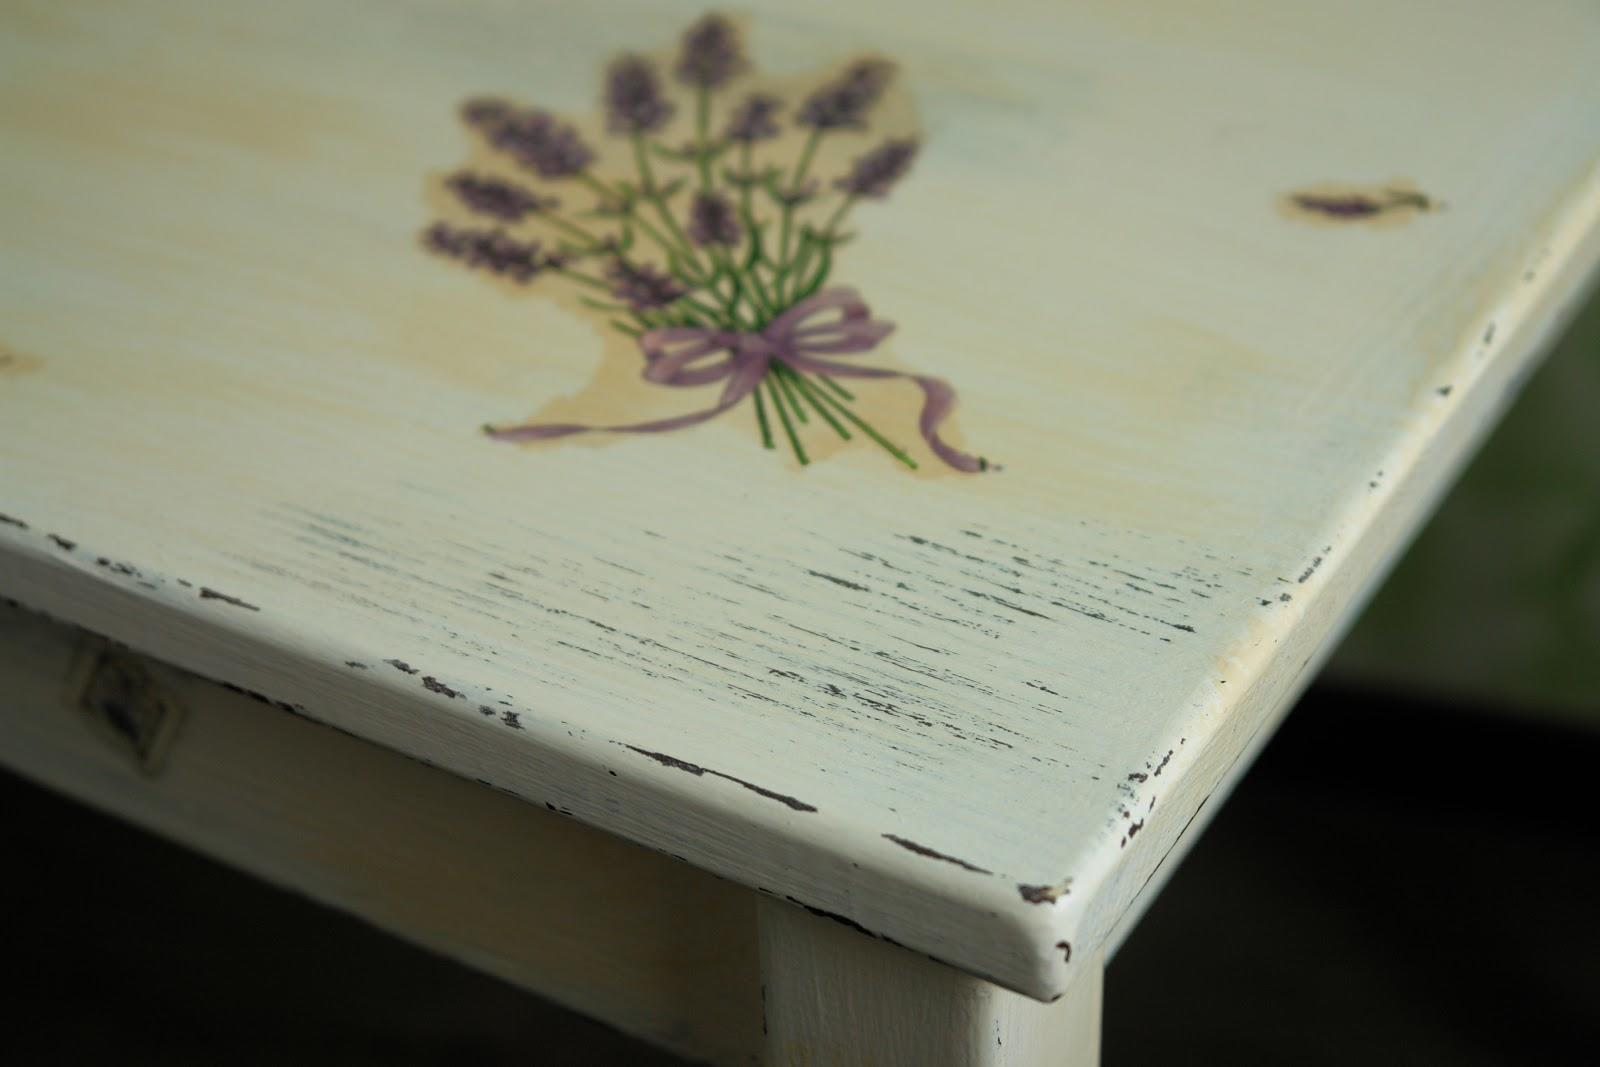 Создать на кухне атмосферу маленькой французской деревеньки можно, декорируя стол в прованском стиле